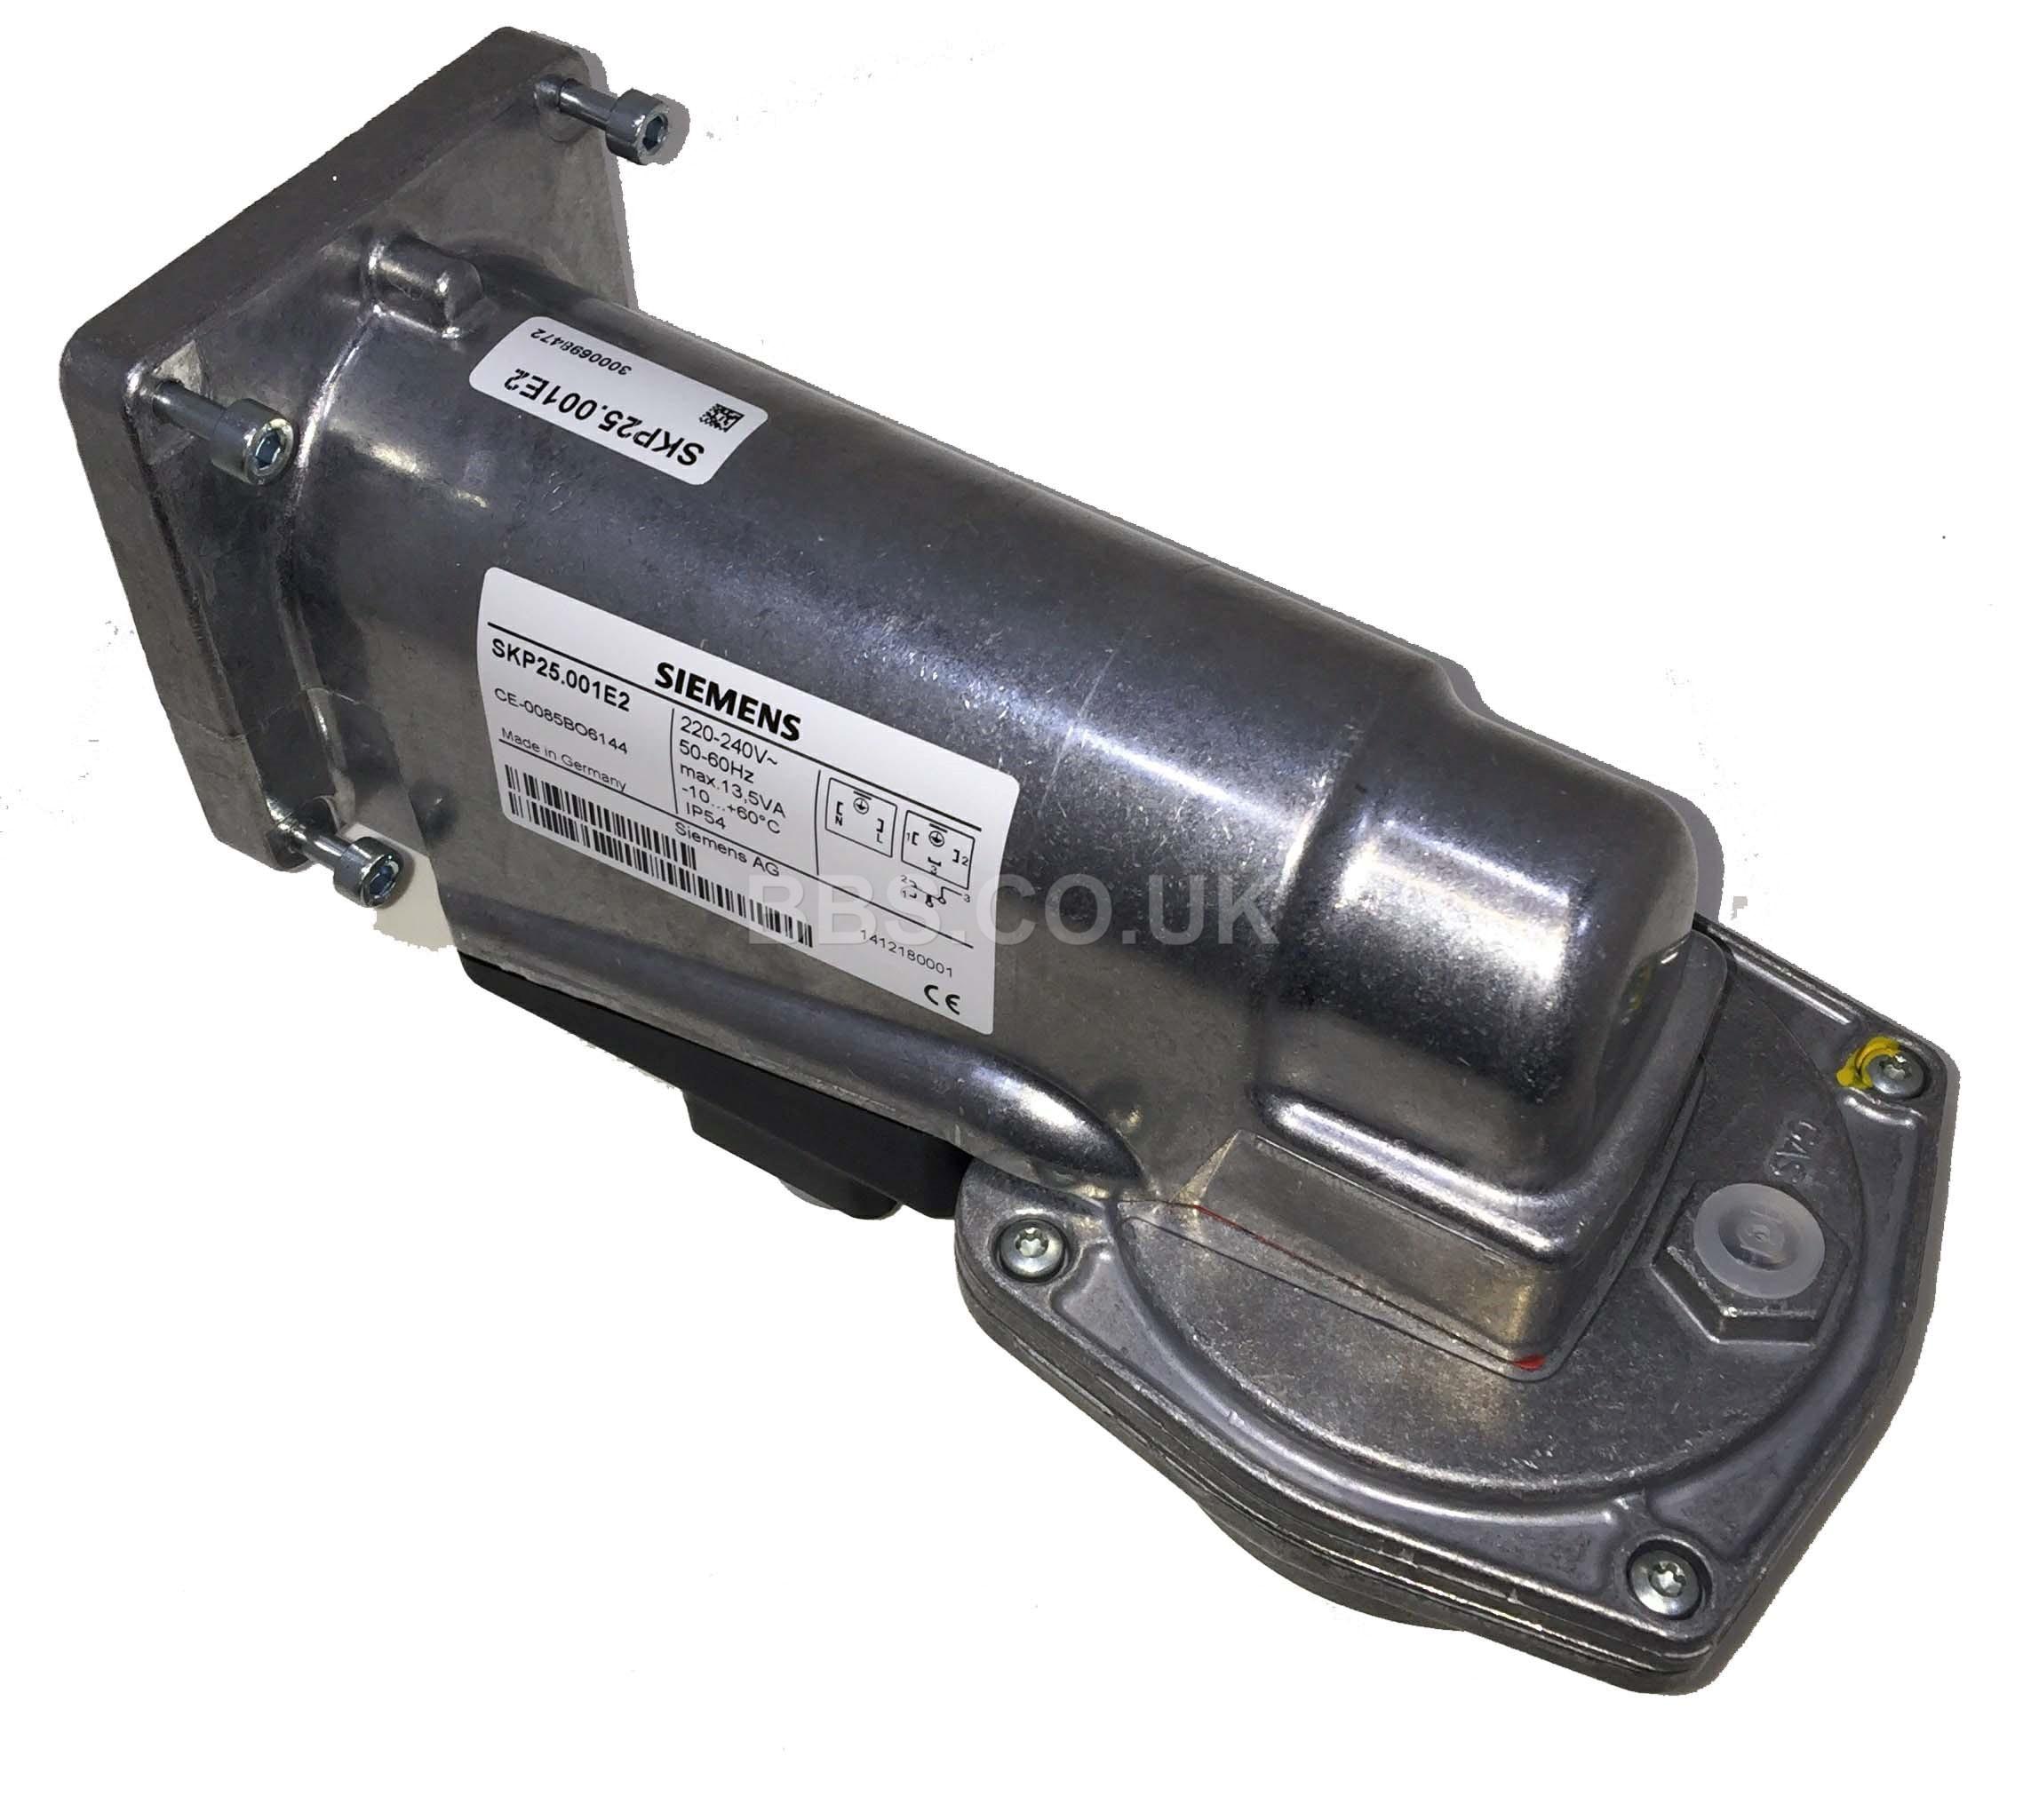 SIEMENS GAS VALVE ACTUATOR SKP25.001E2 220-240V